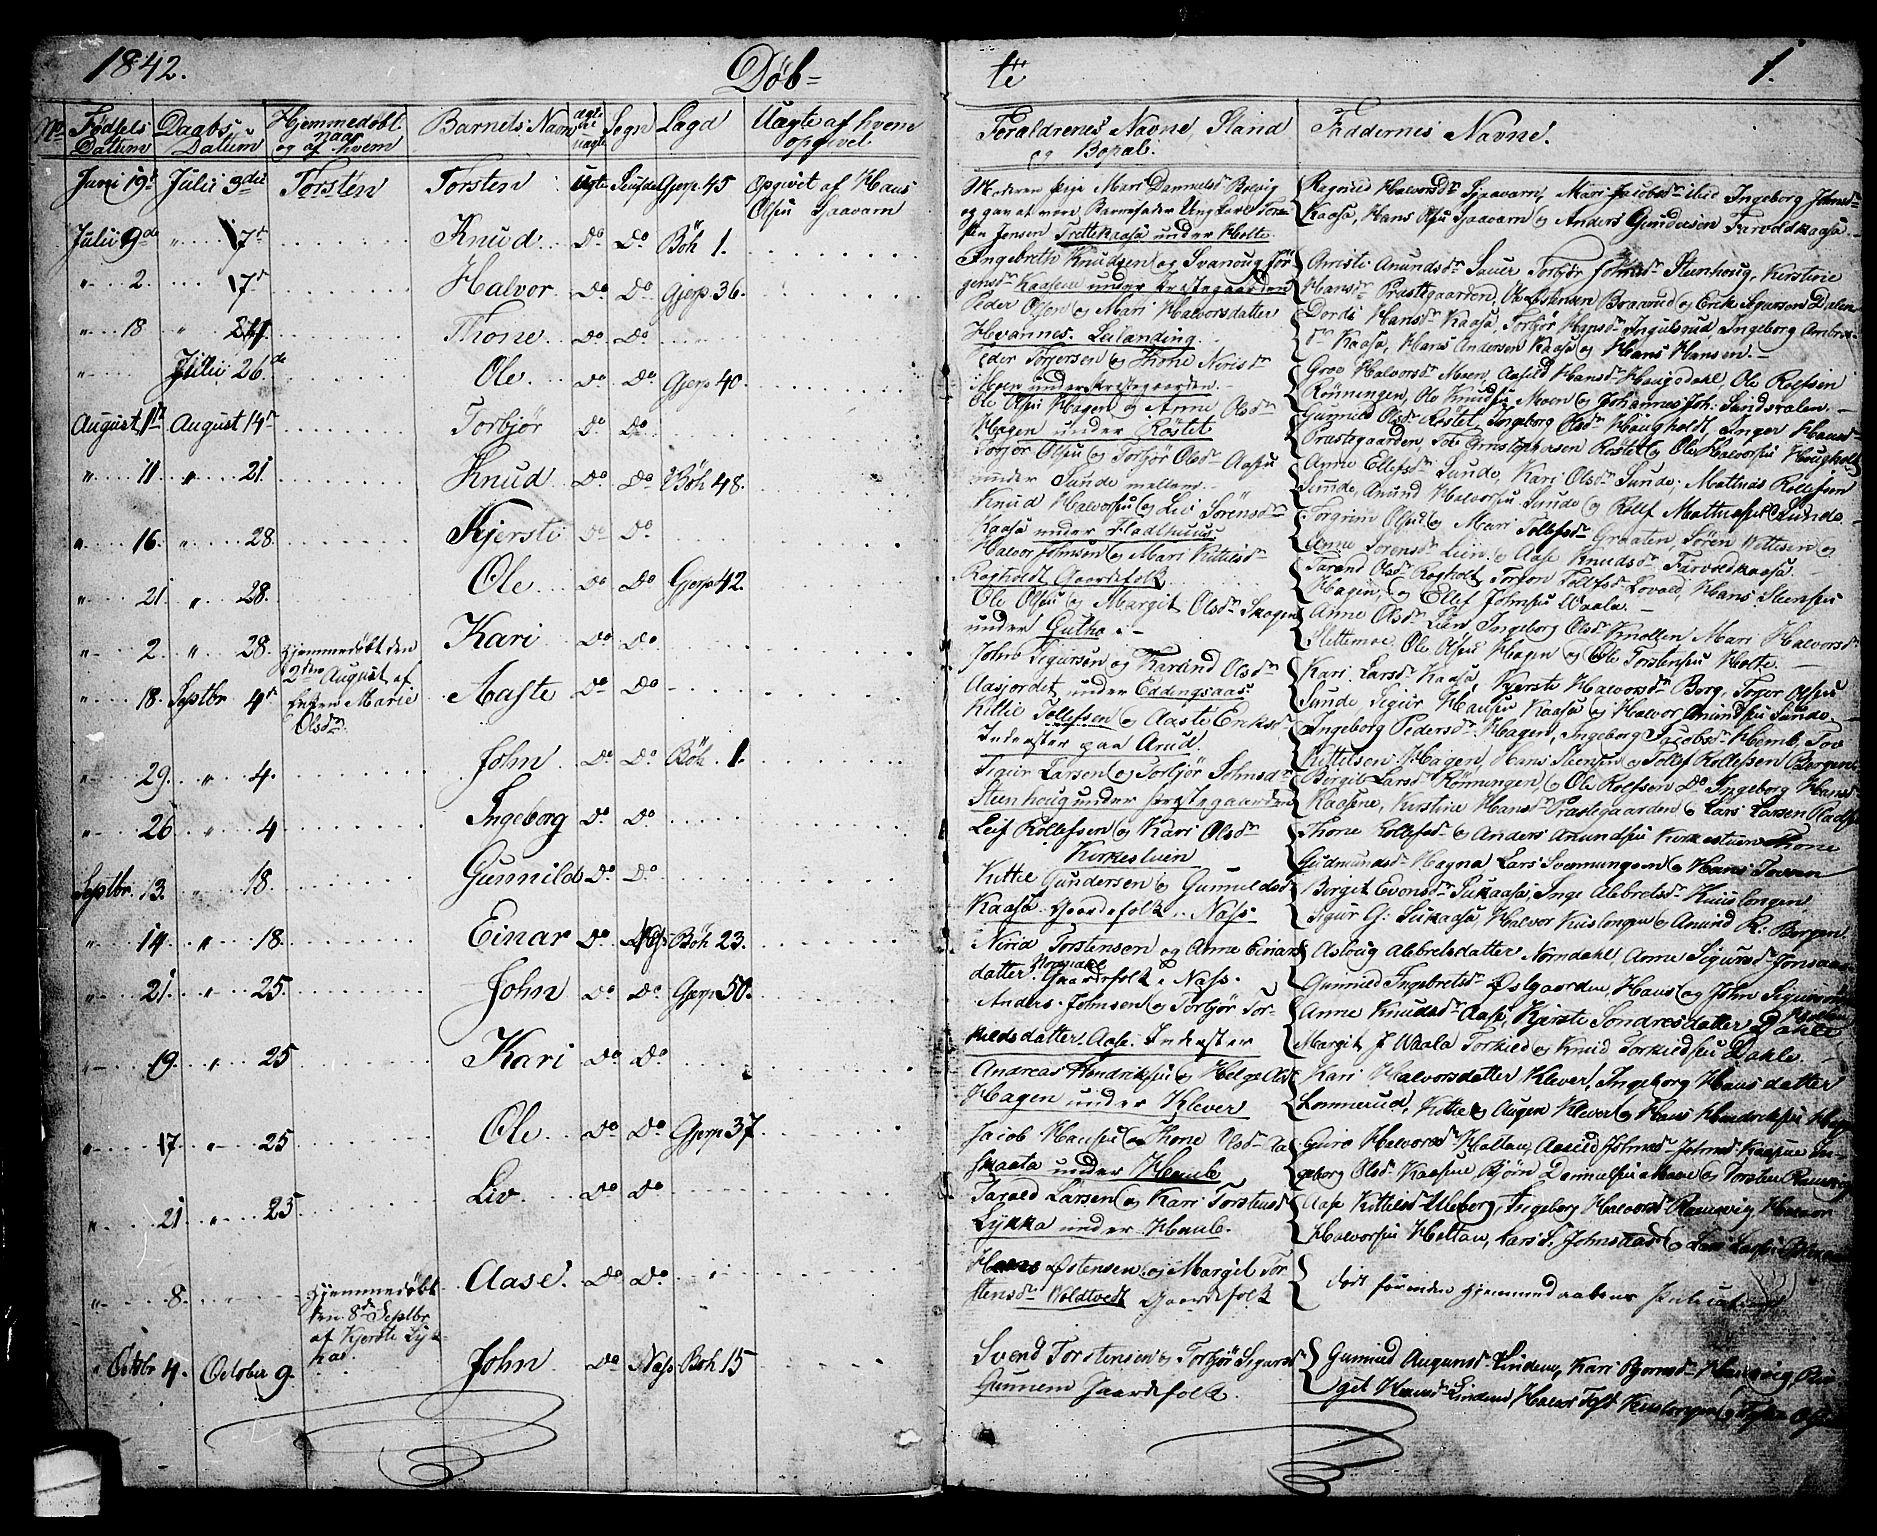 SAKO, Sauherad kirkebøker, G/Ga/L0002: Klokkerbok nr. I 2, 1842-1866, s. 1